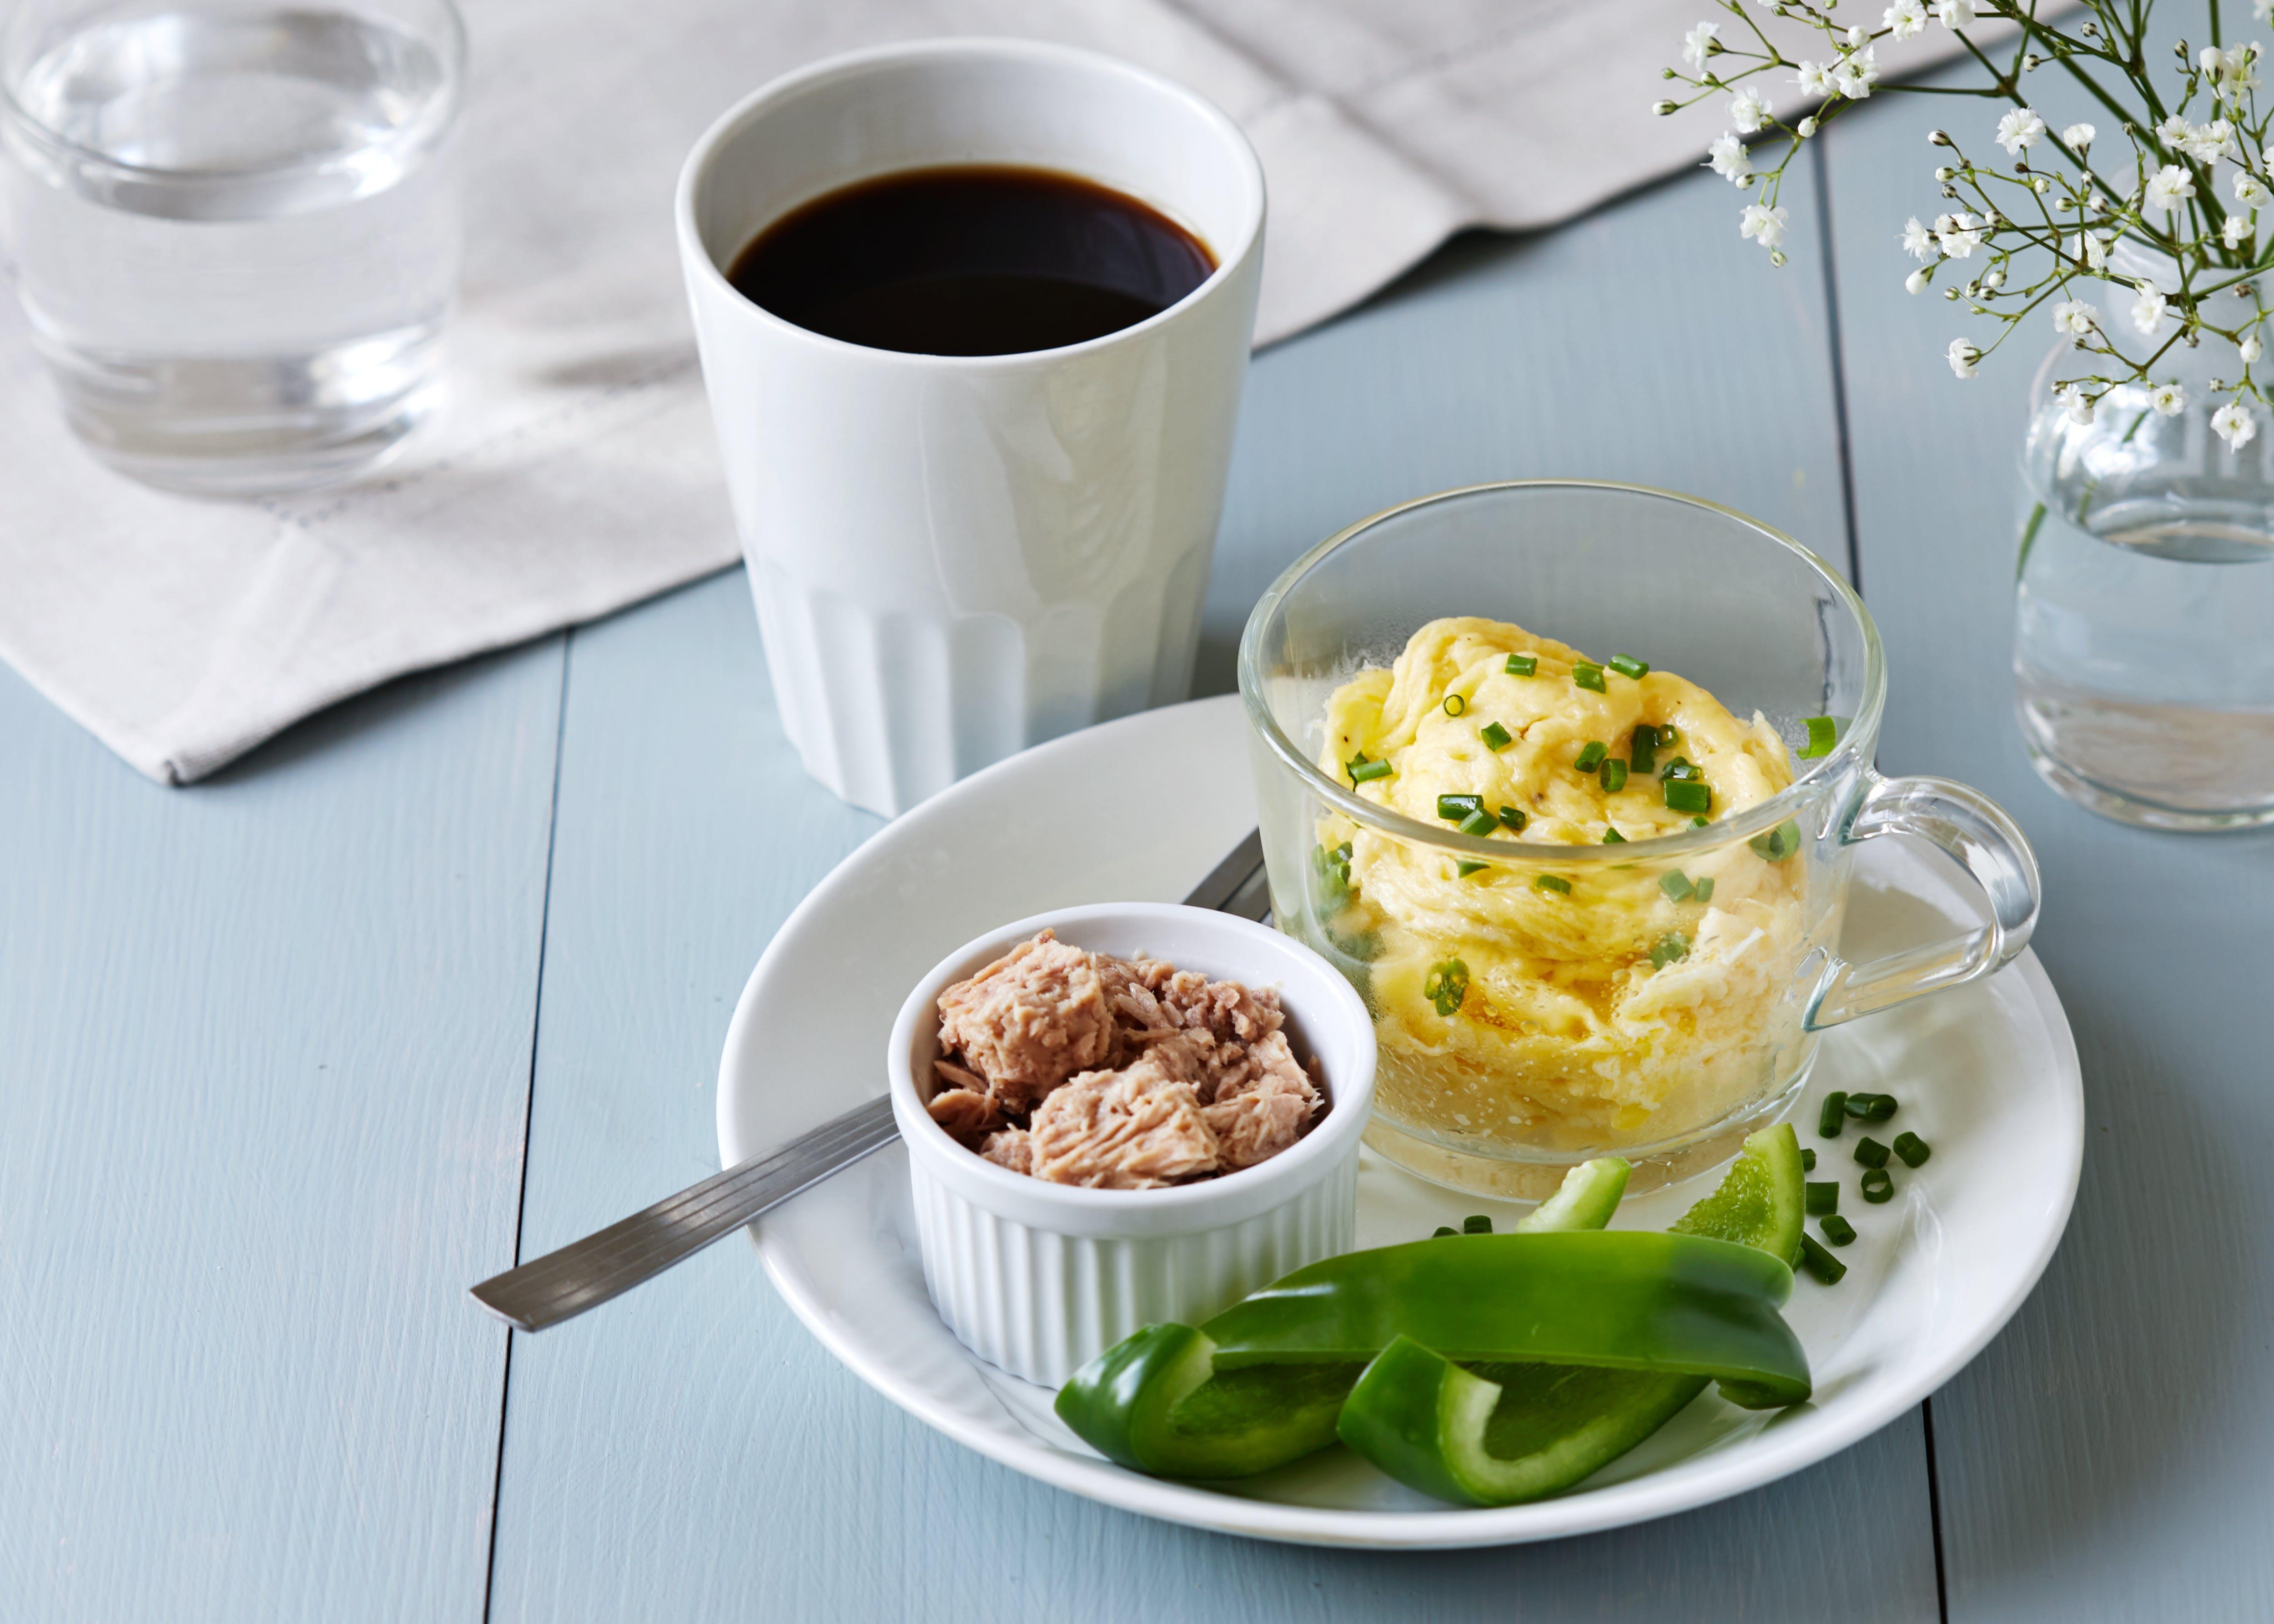 Huevos revueltos en una taza